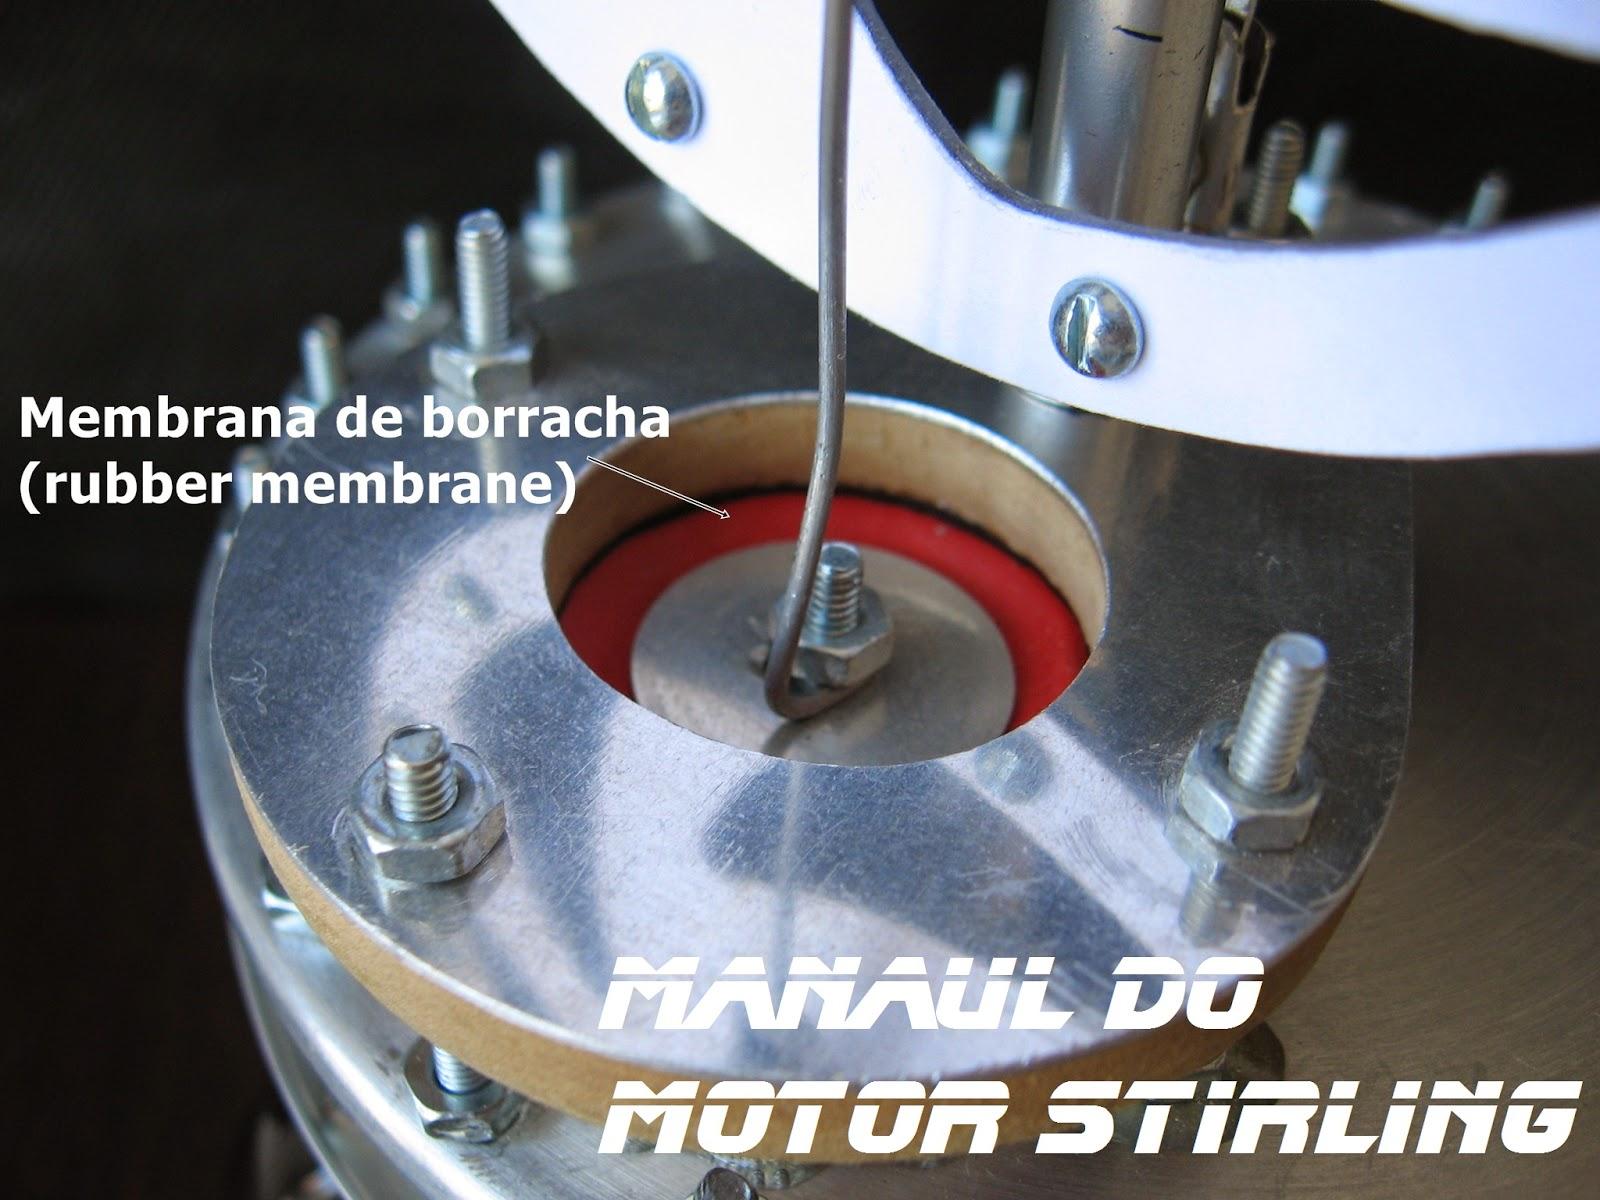 Motor Stirling Gama caseiro LTD, pistão de trabalho feito com balão